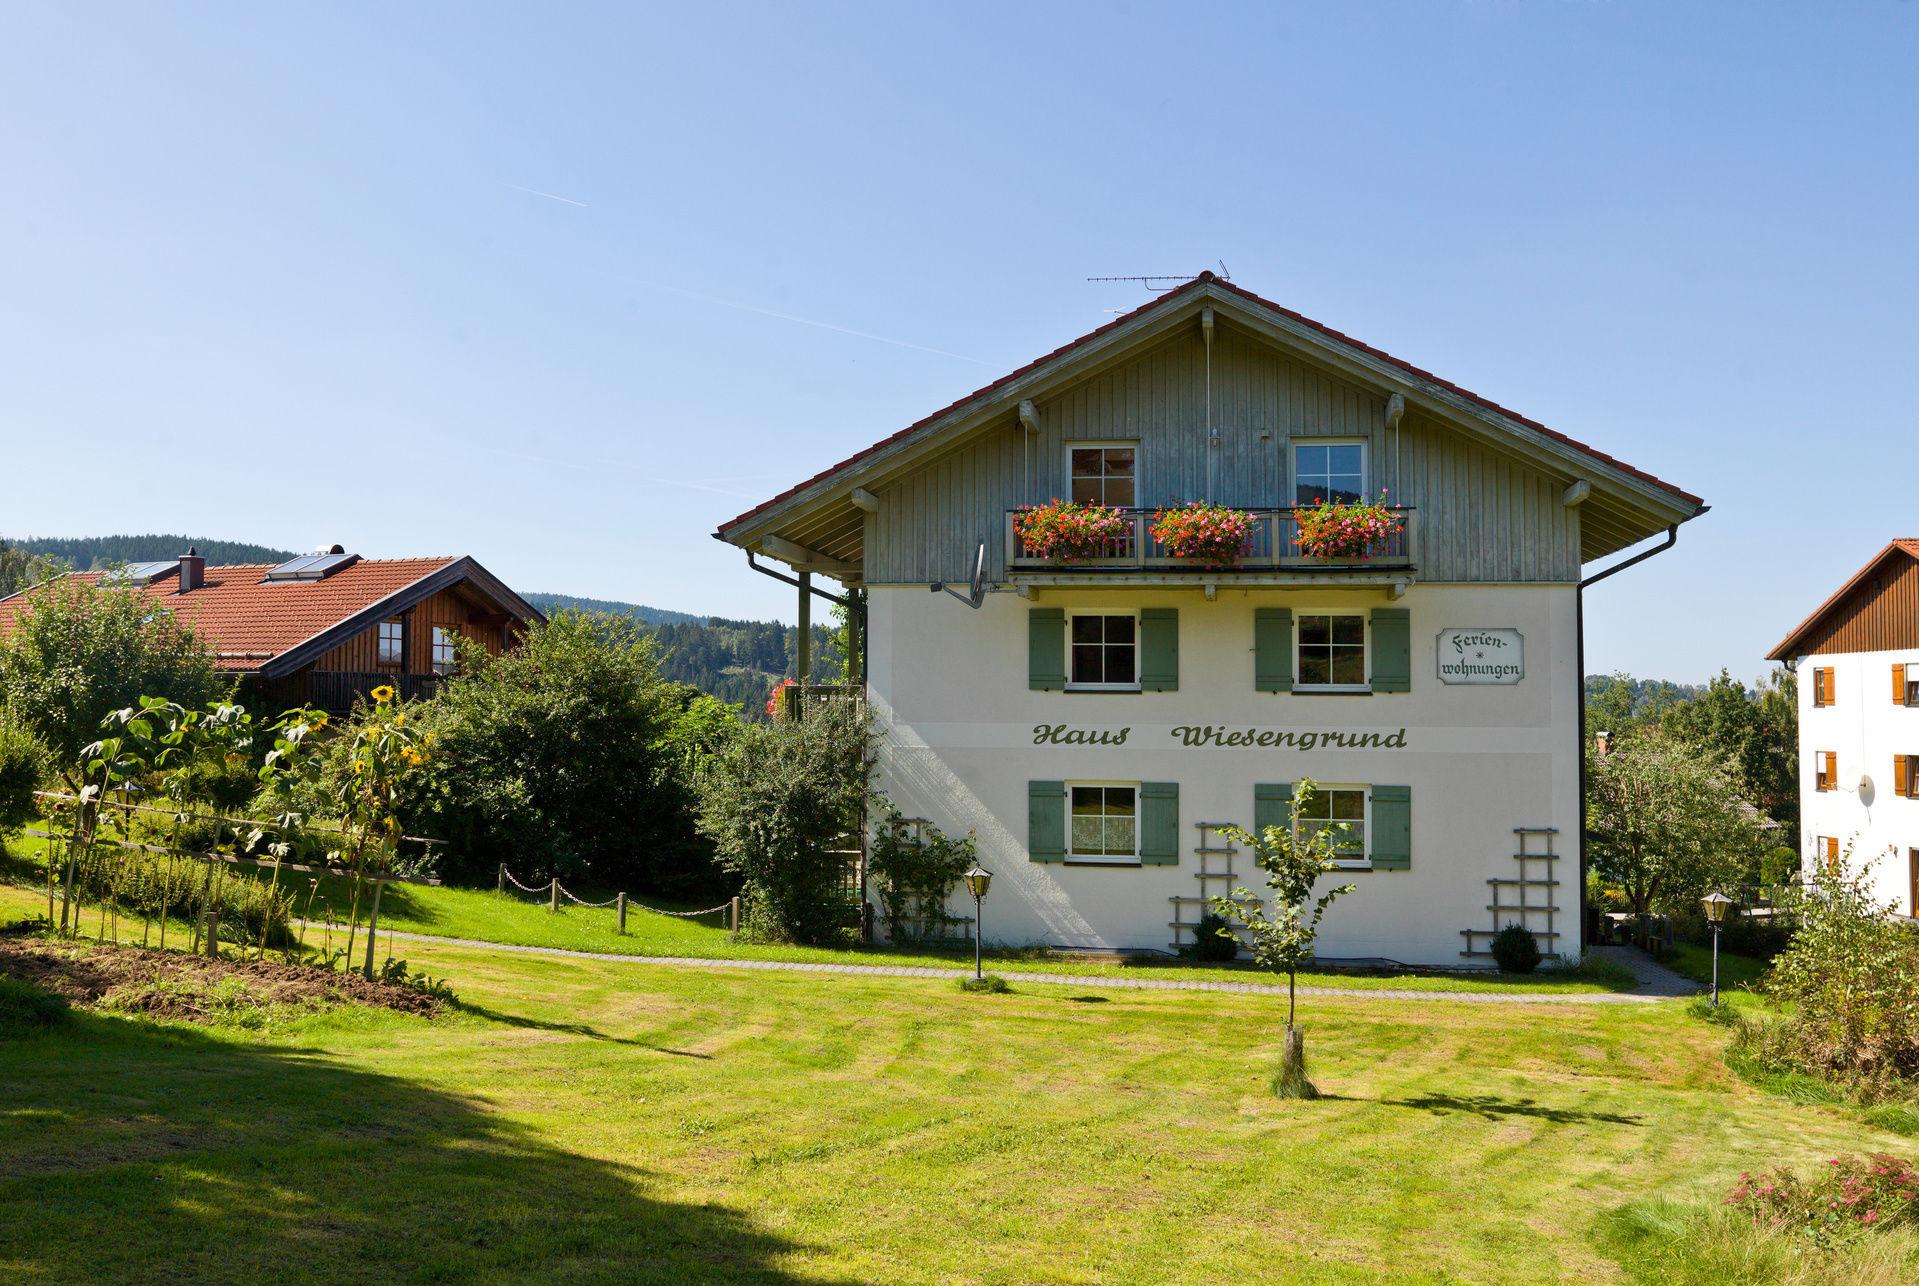 Haus Wiesengrund  Haus Wiesengrund Ferienregion Zwiesel Naturpark